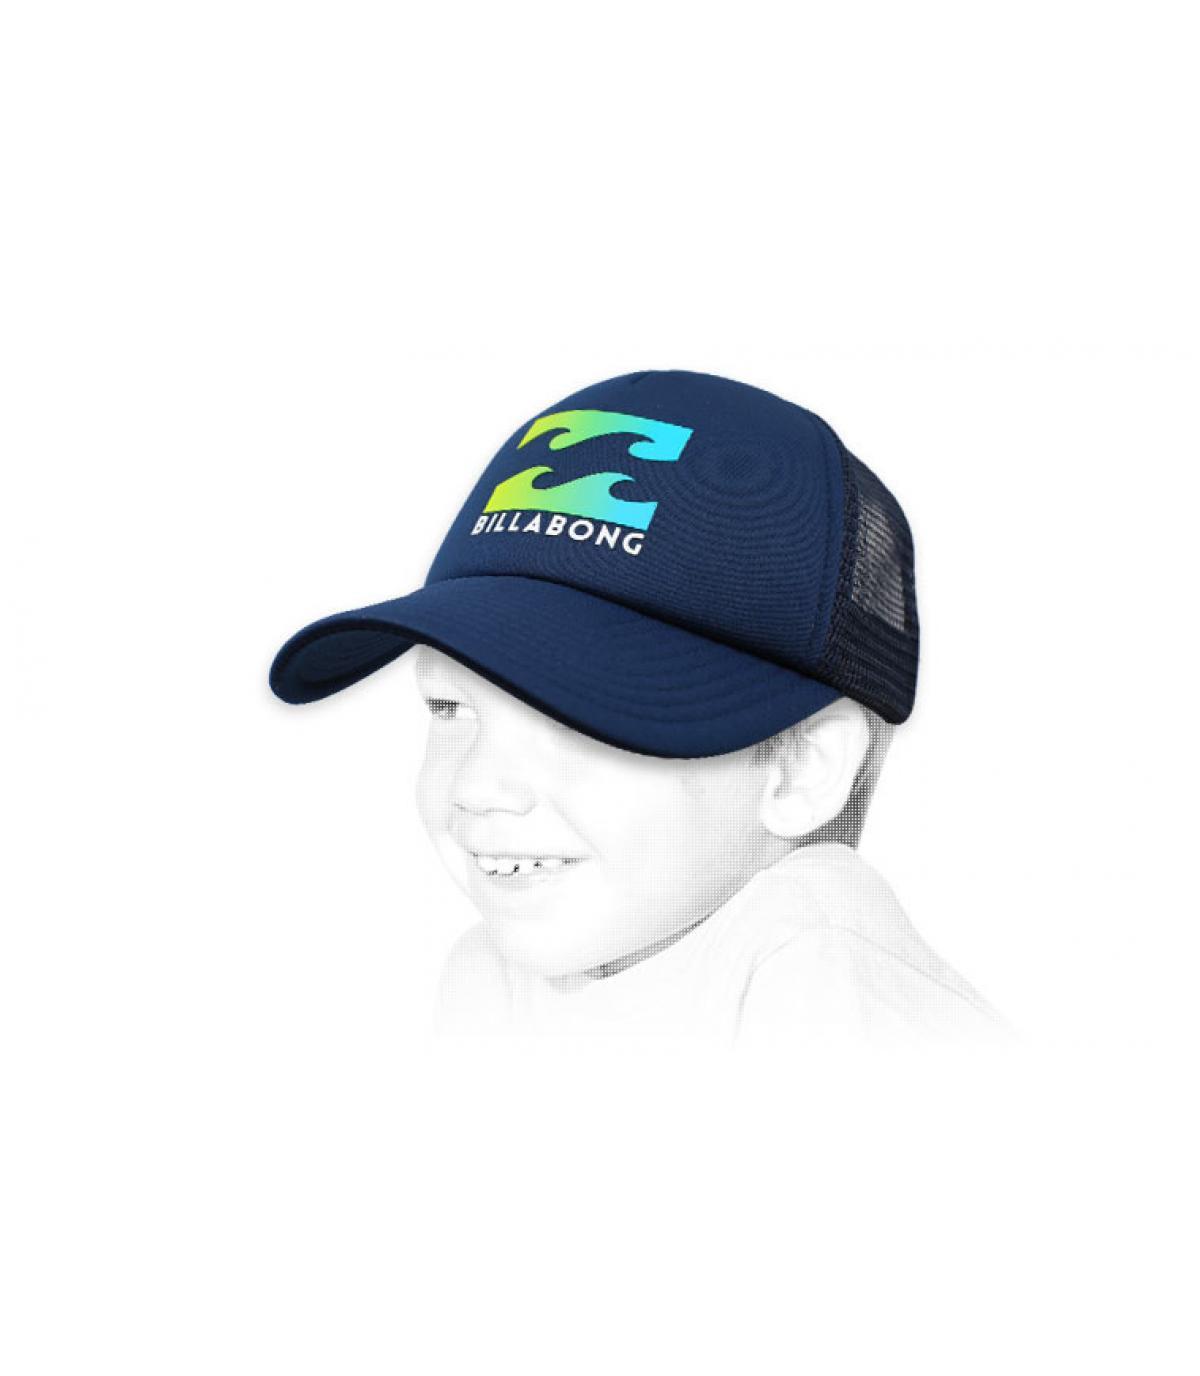 trucker enfant Billabong bleu